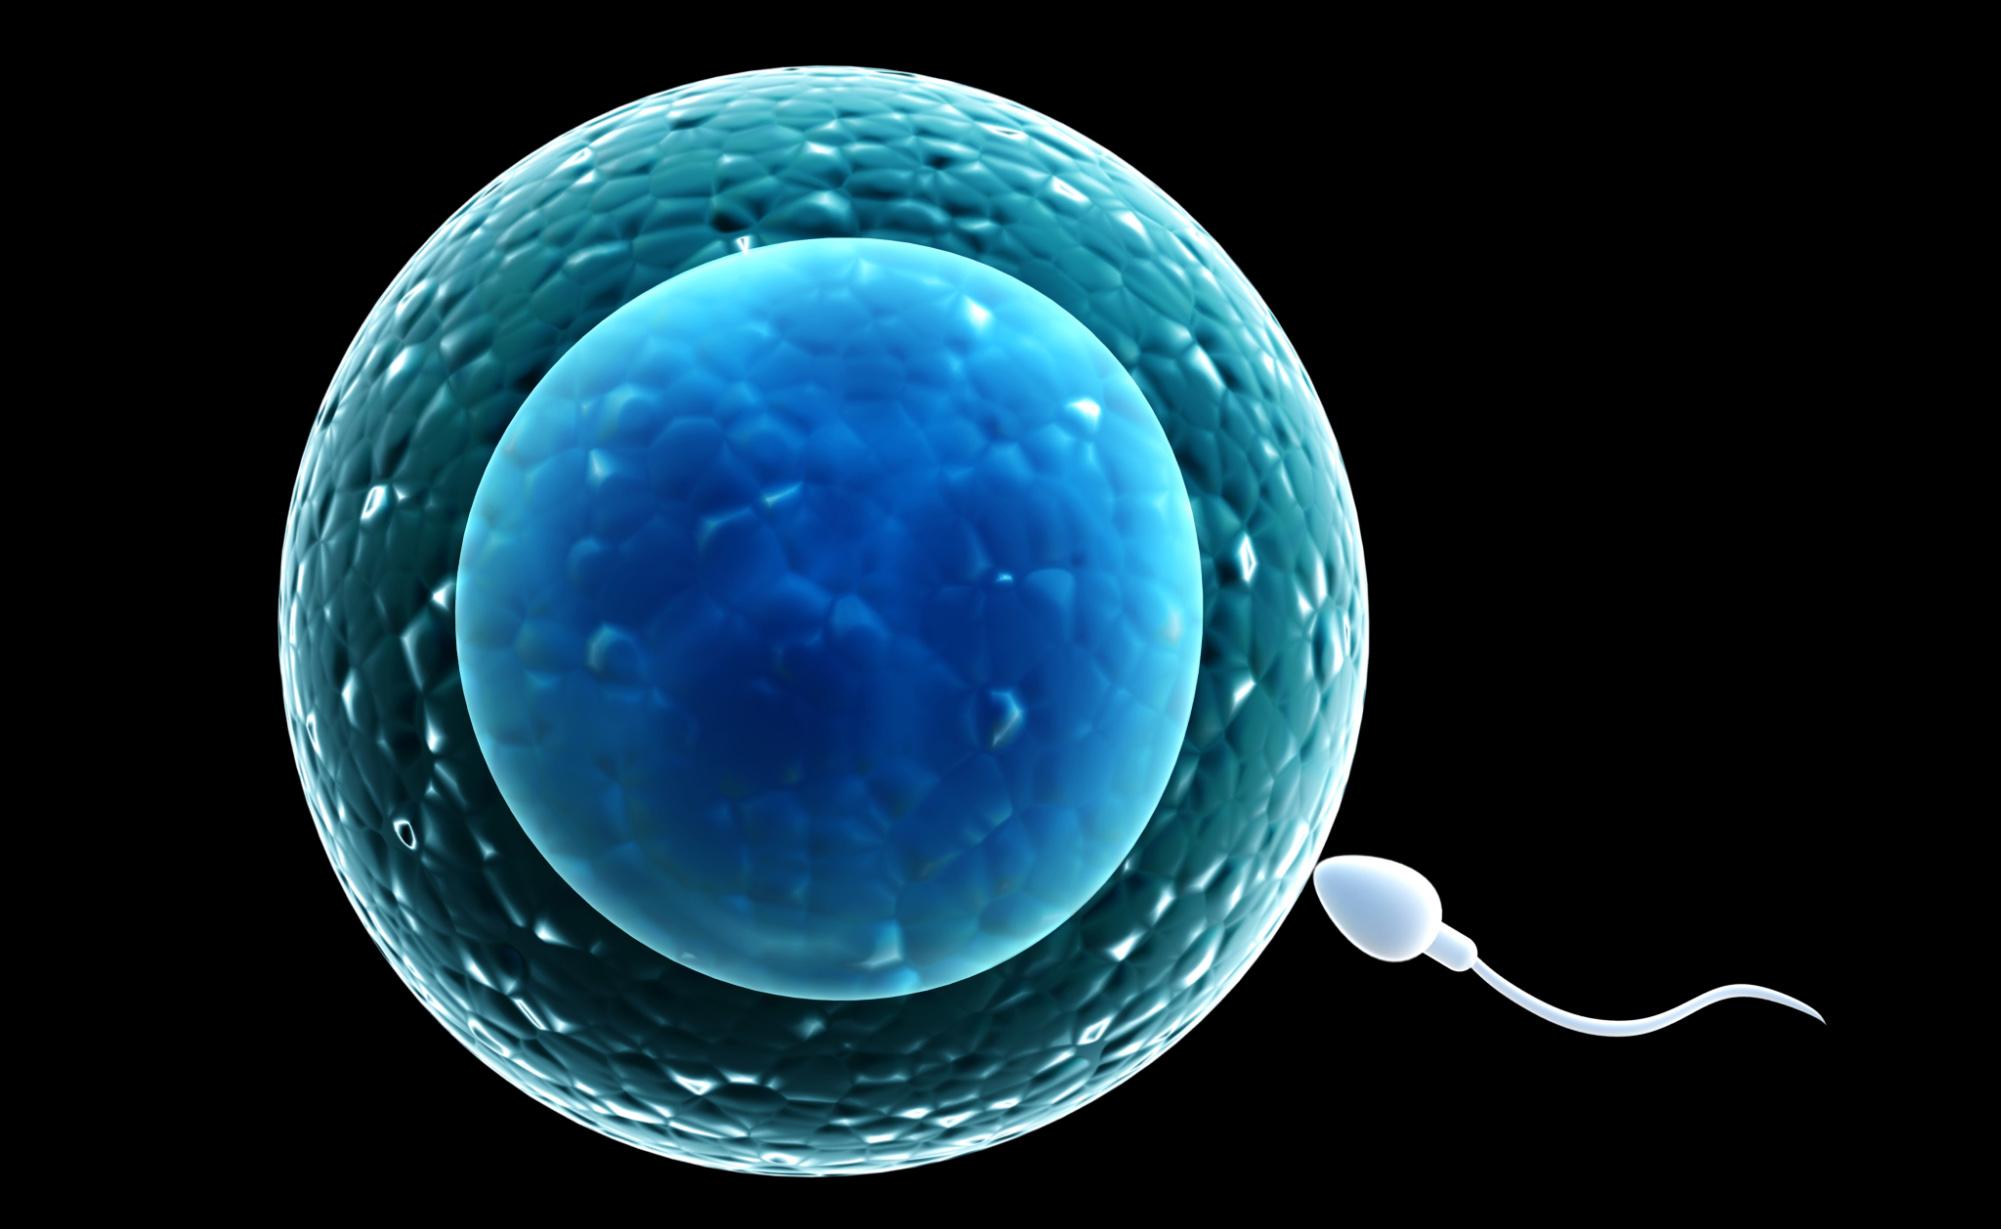 In futuro anche gli uomini potrebbero procreare